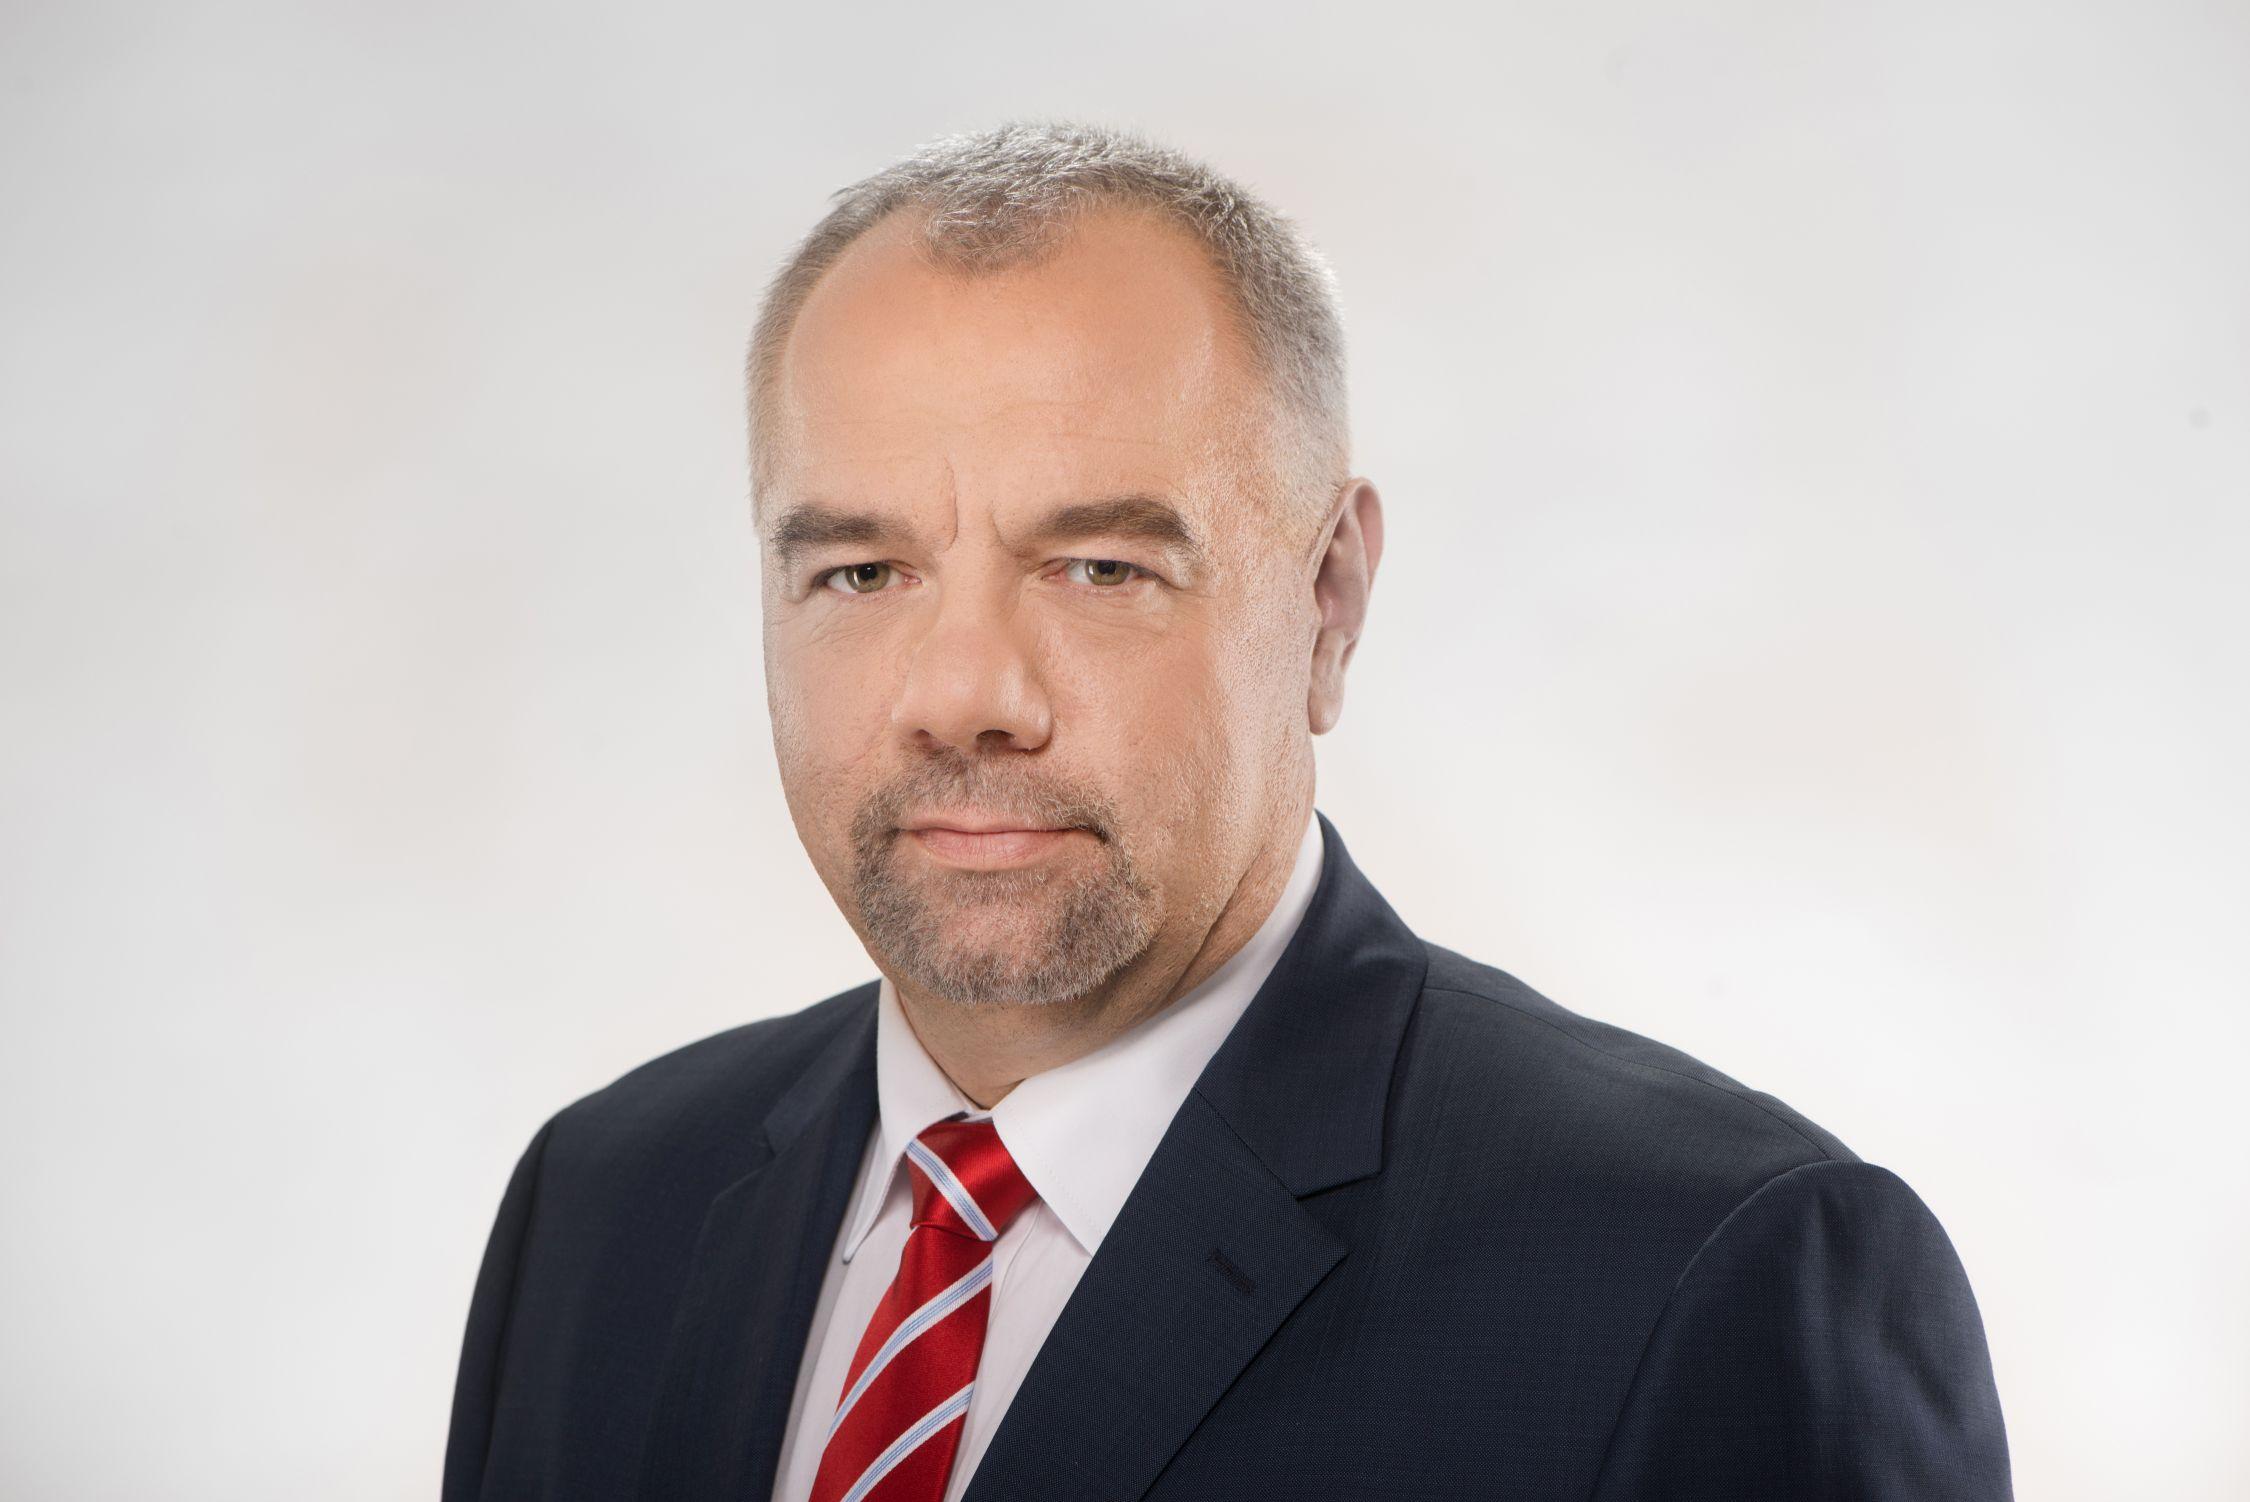 Jacek Sasin (fot. jsasin.pl)